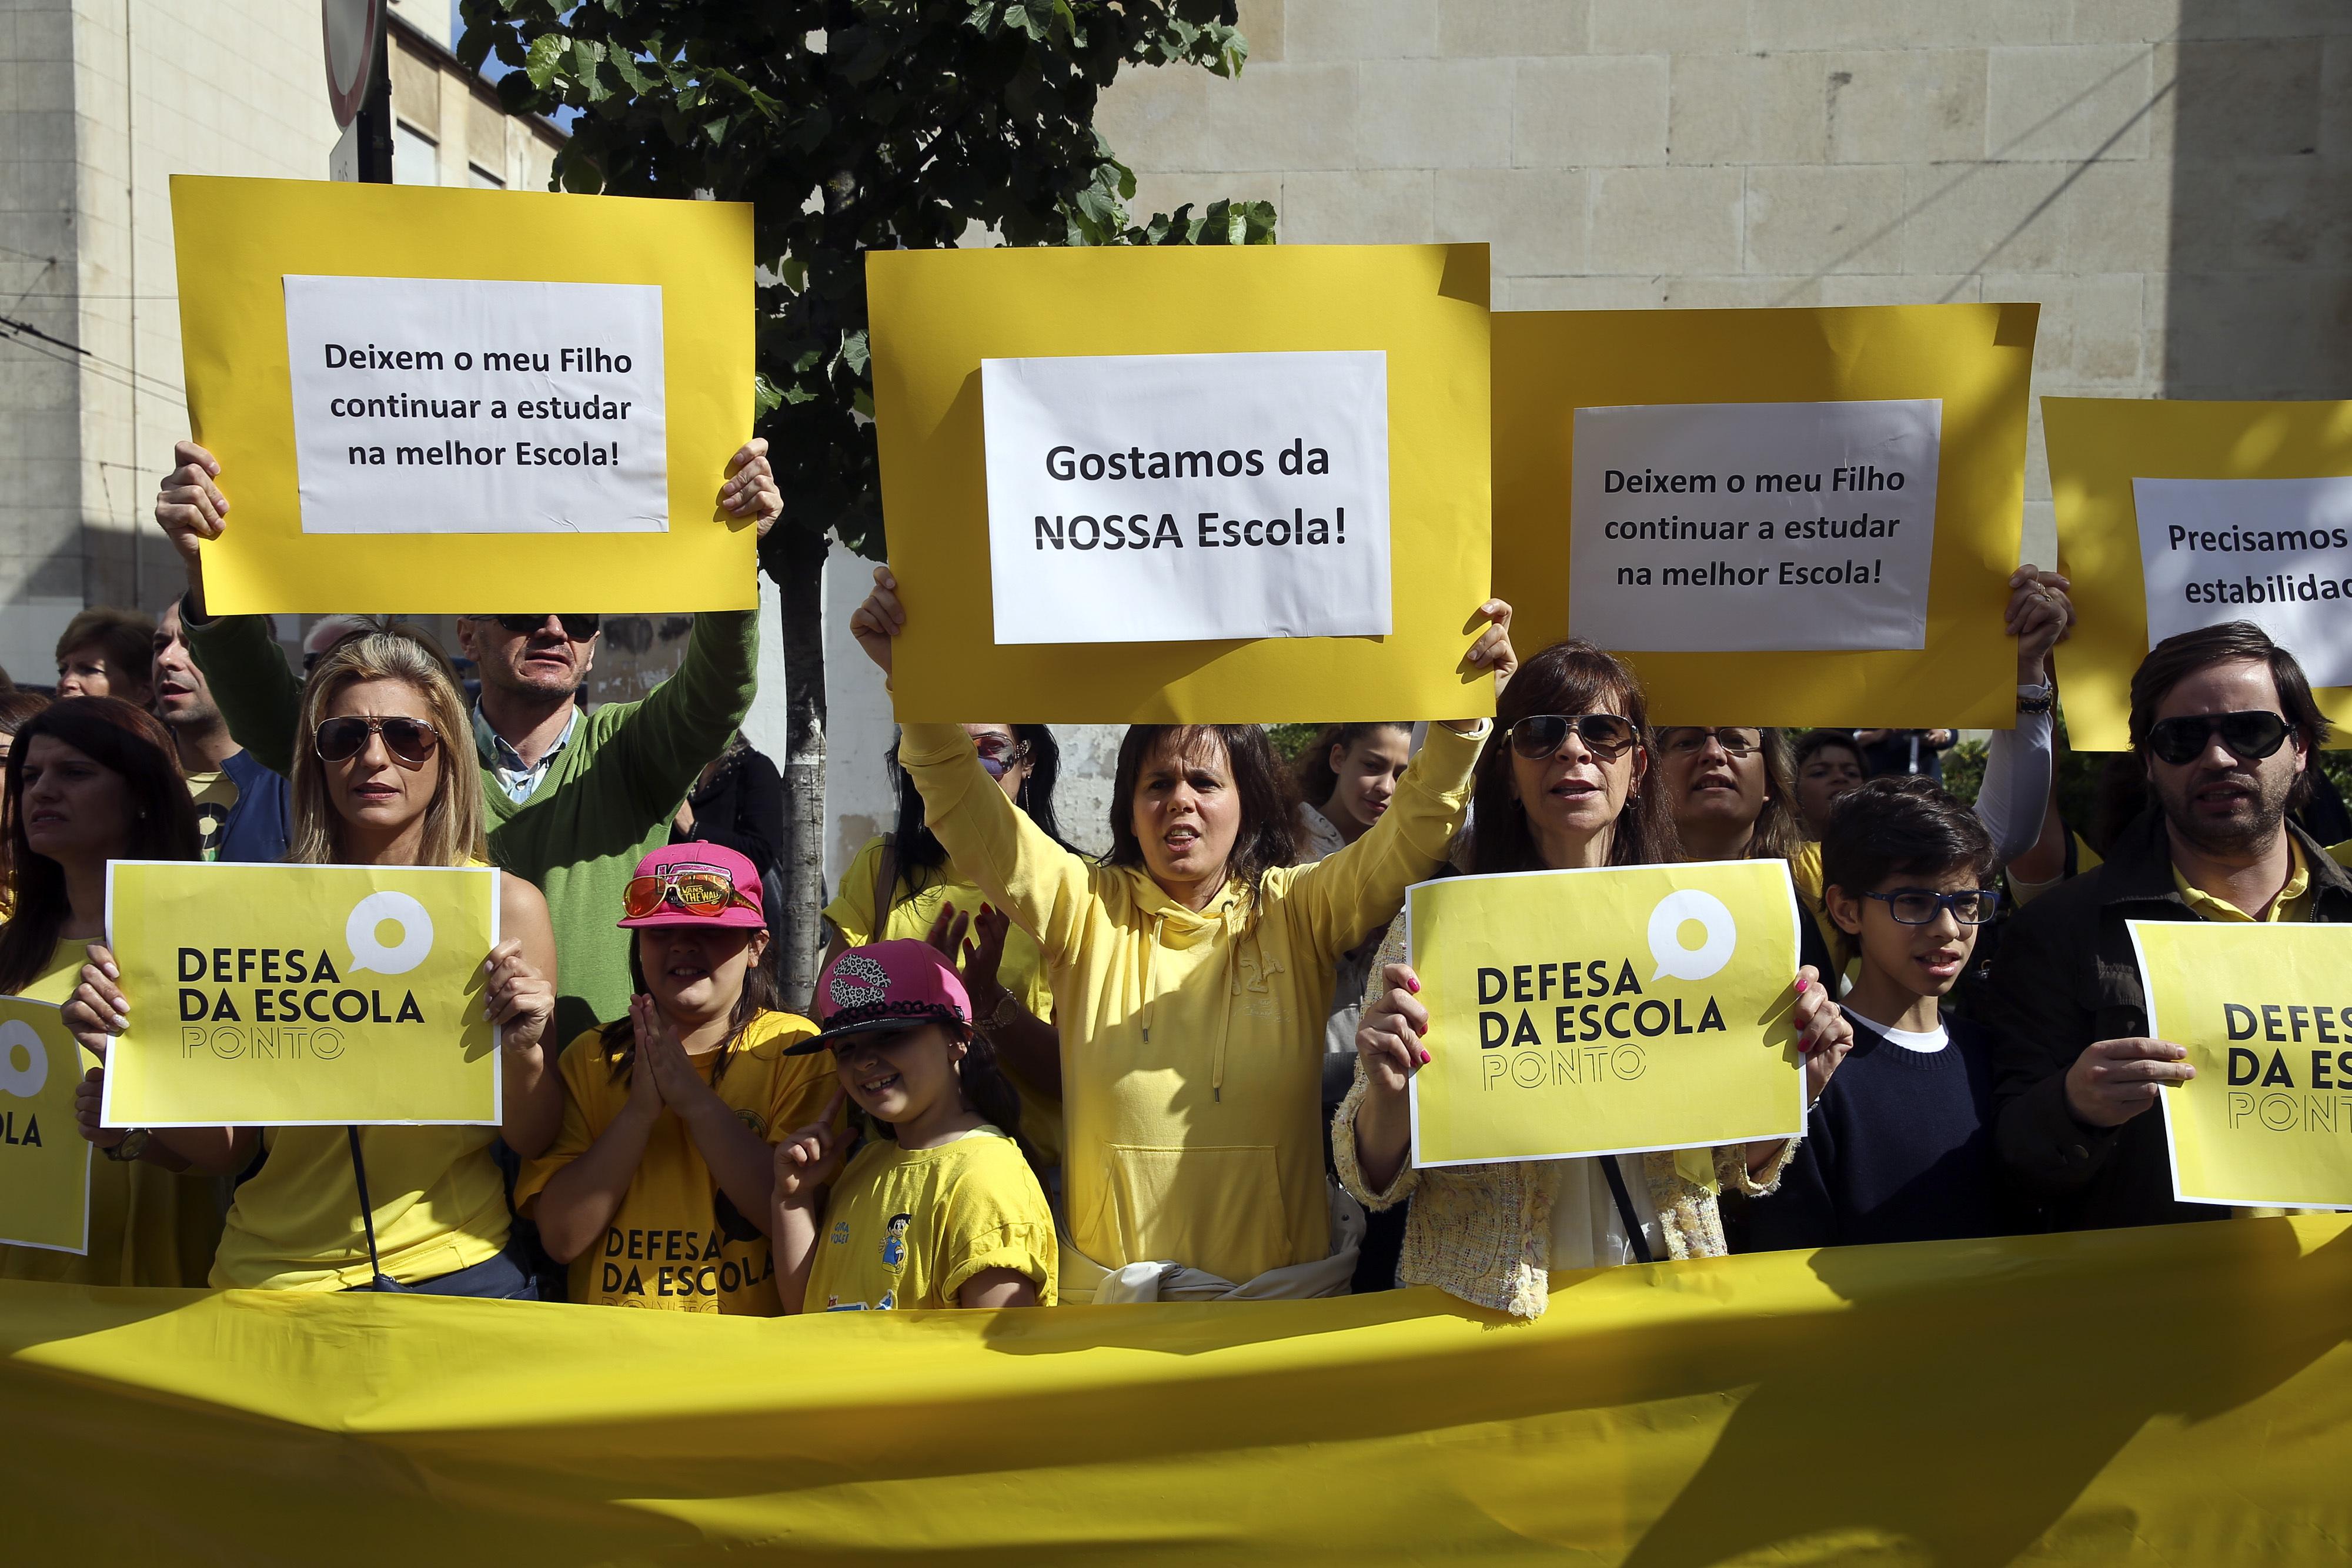 Movimento Defesa da Escola Ponto manifesta-se hoje em Lisboa